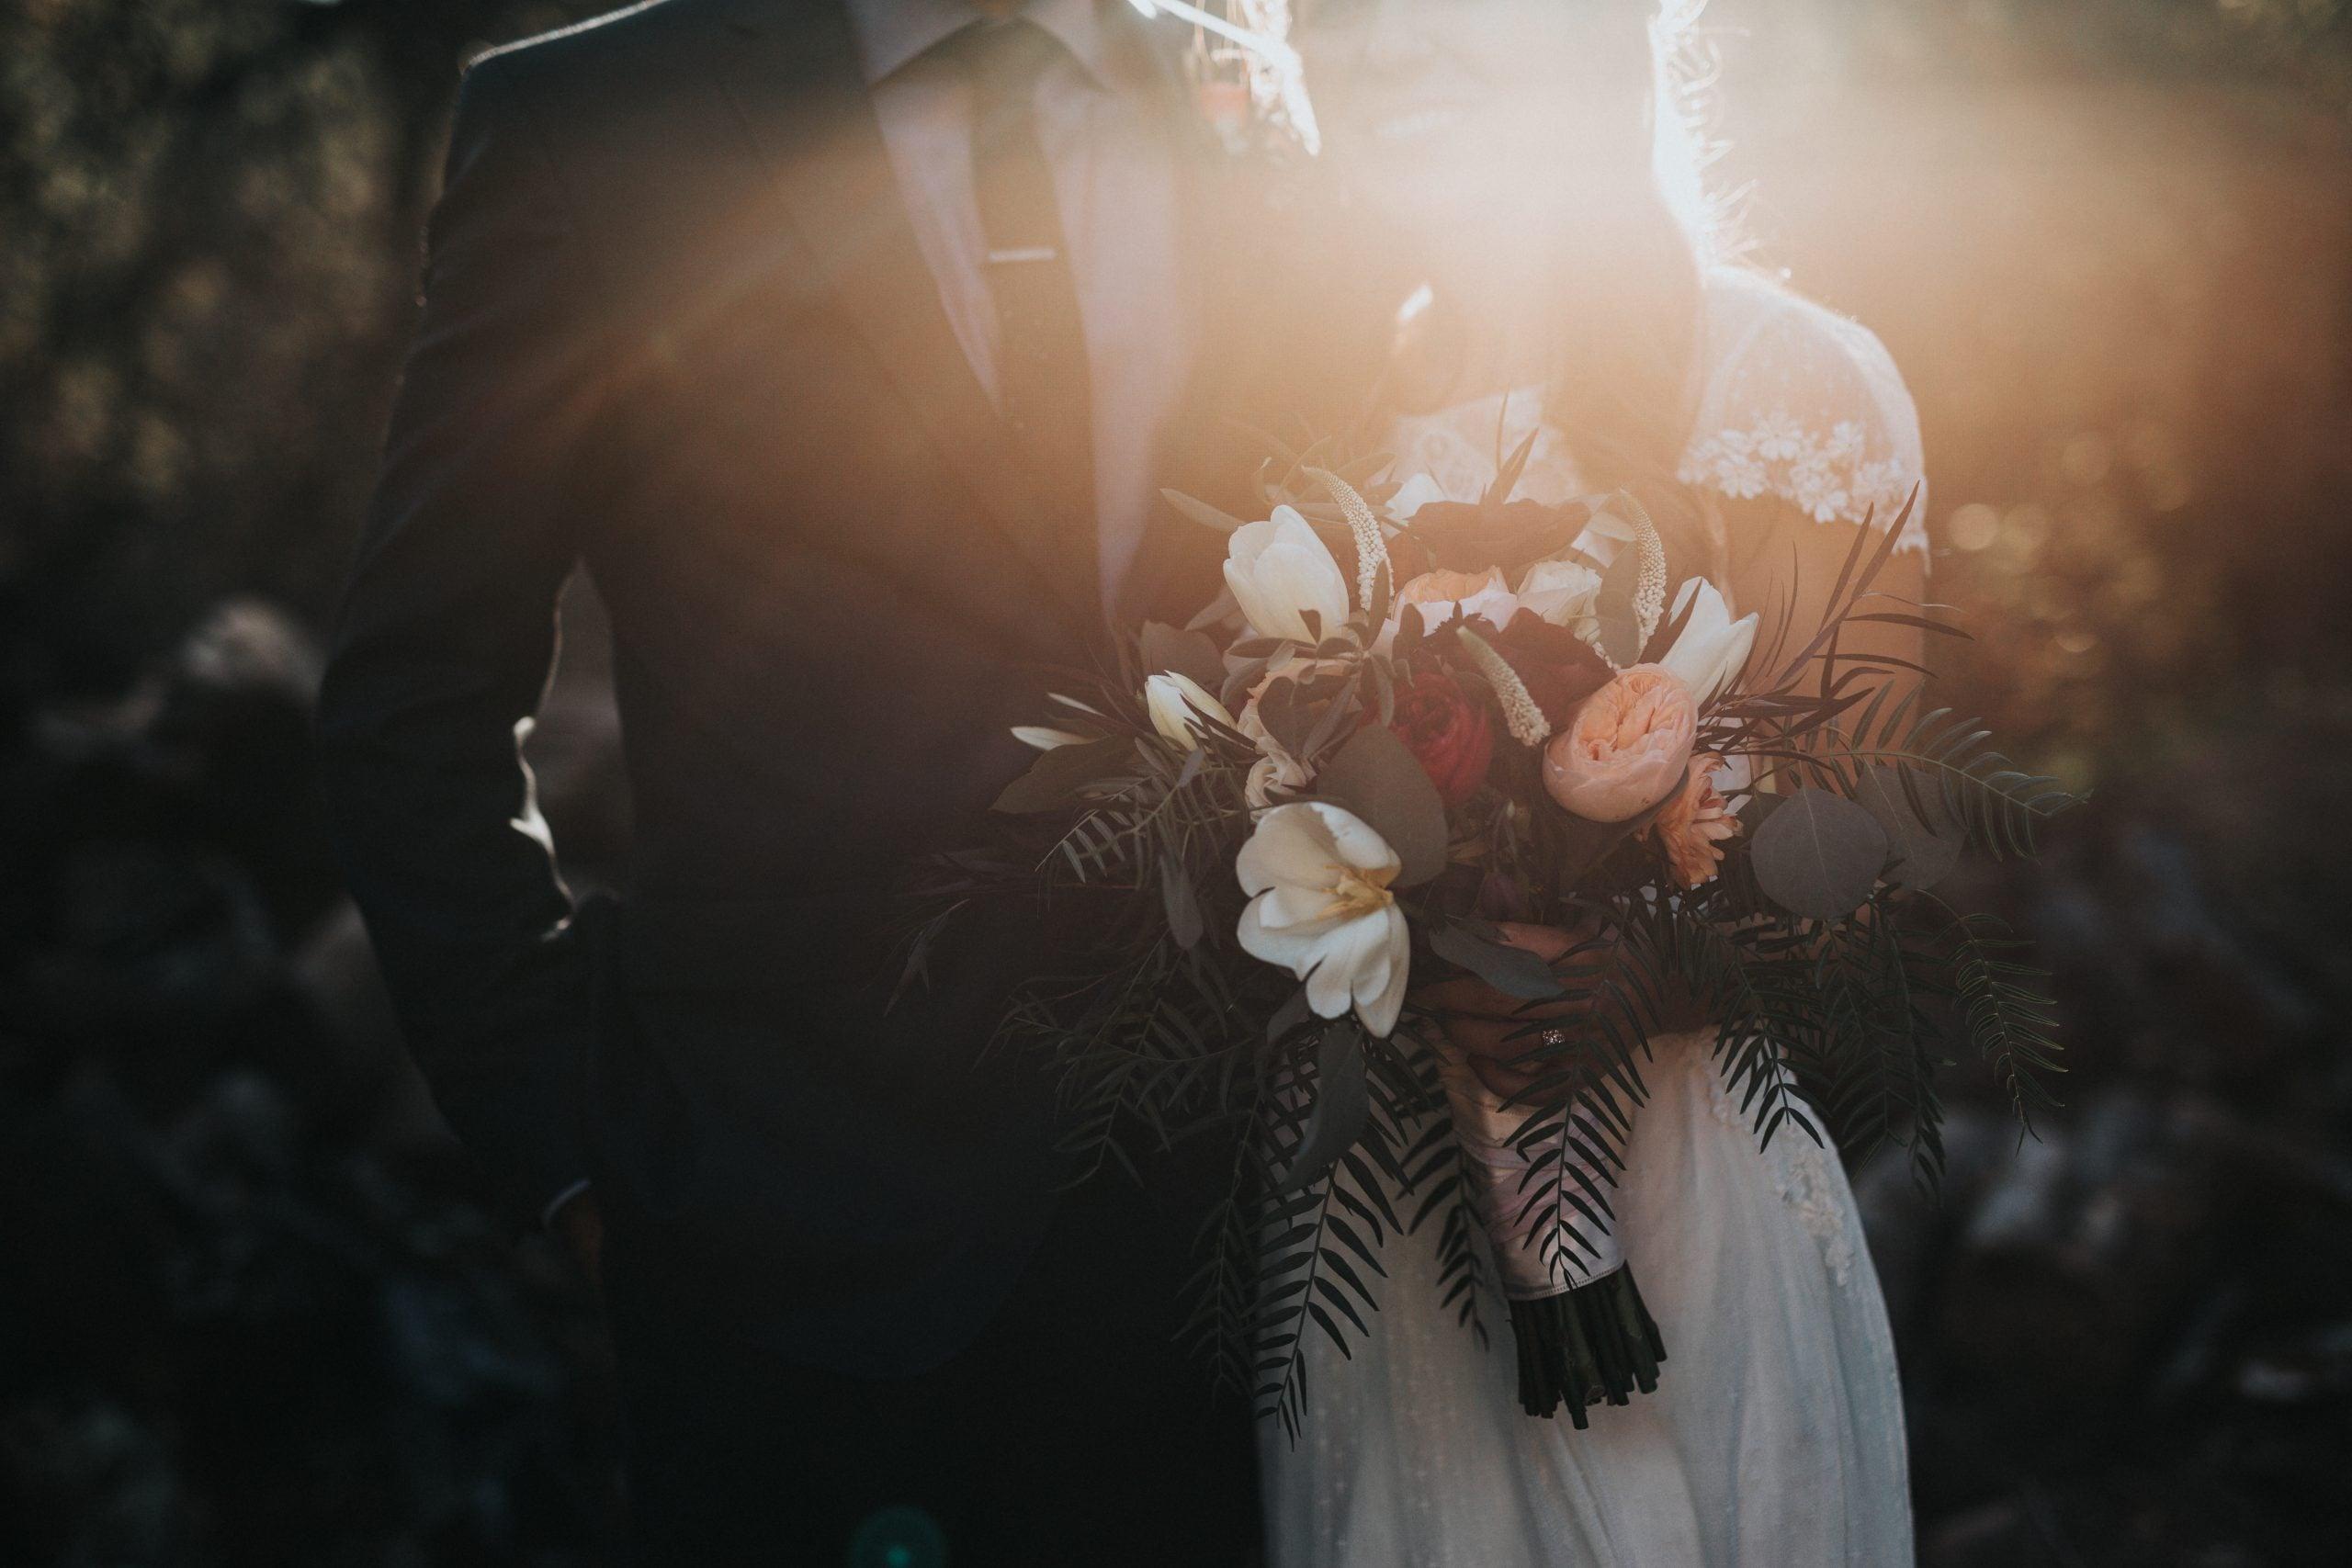 Mad til bryllup? Husk de her vigtige råd og undgå bryllupsstress 1